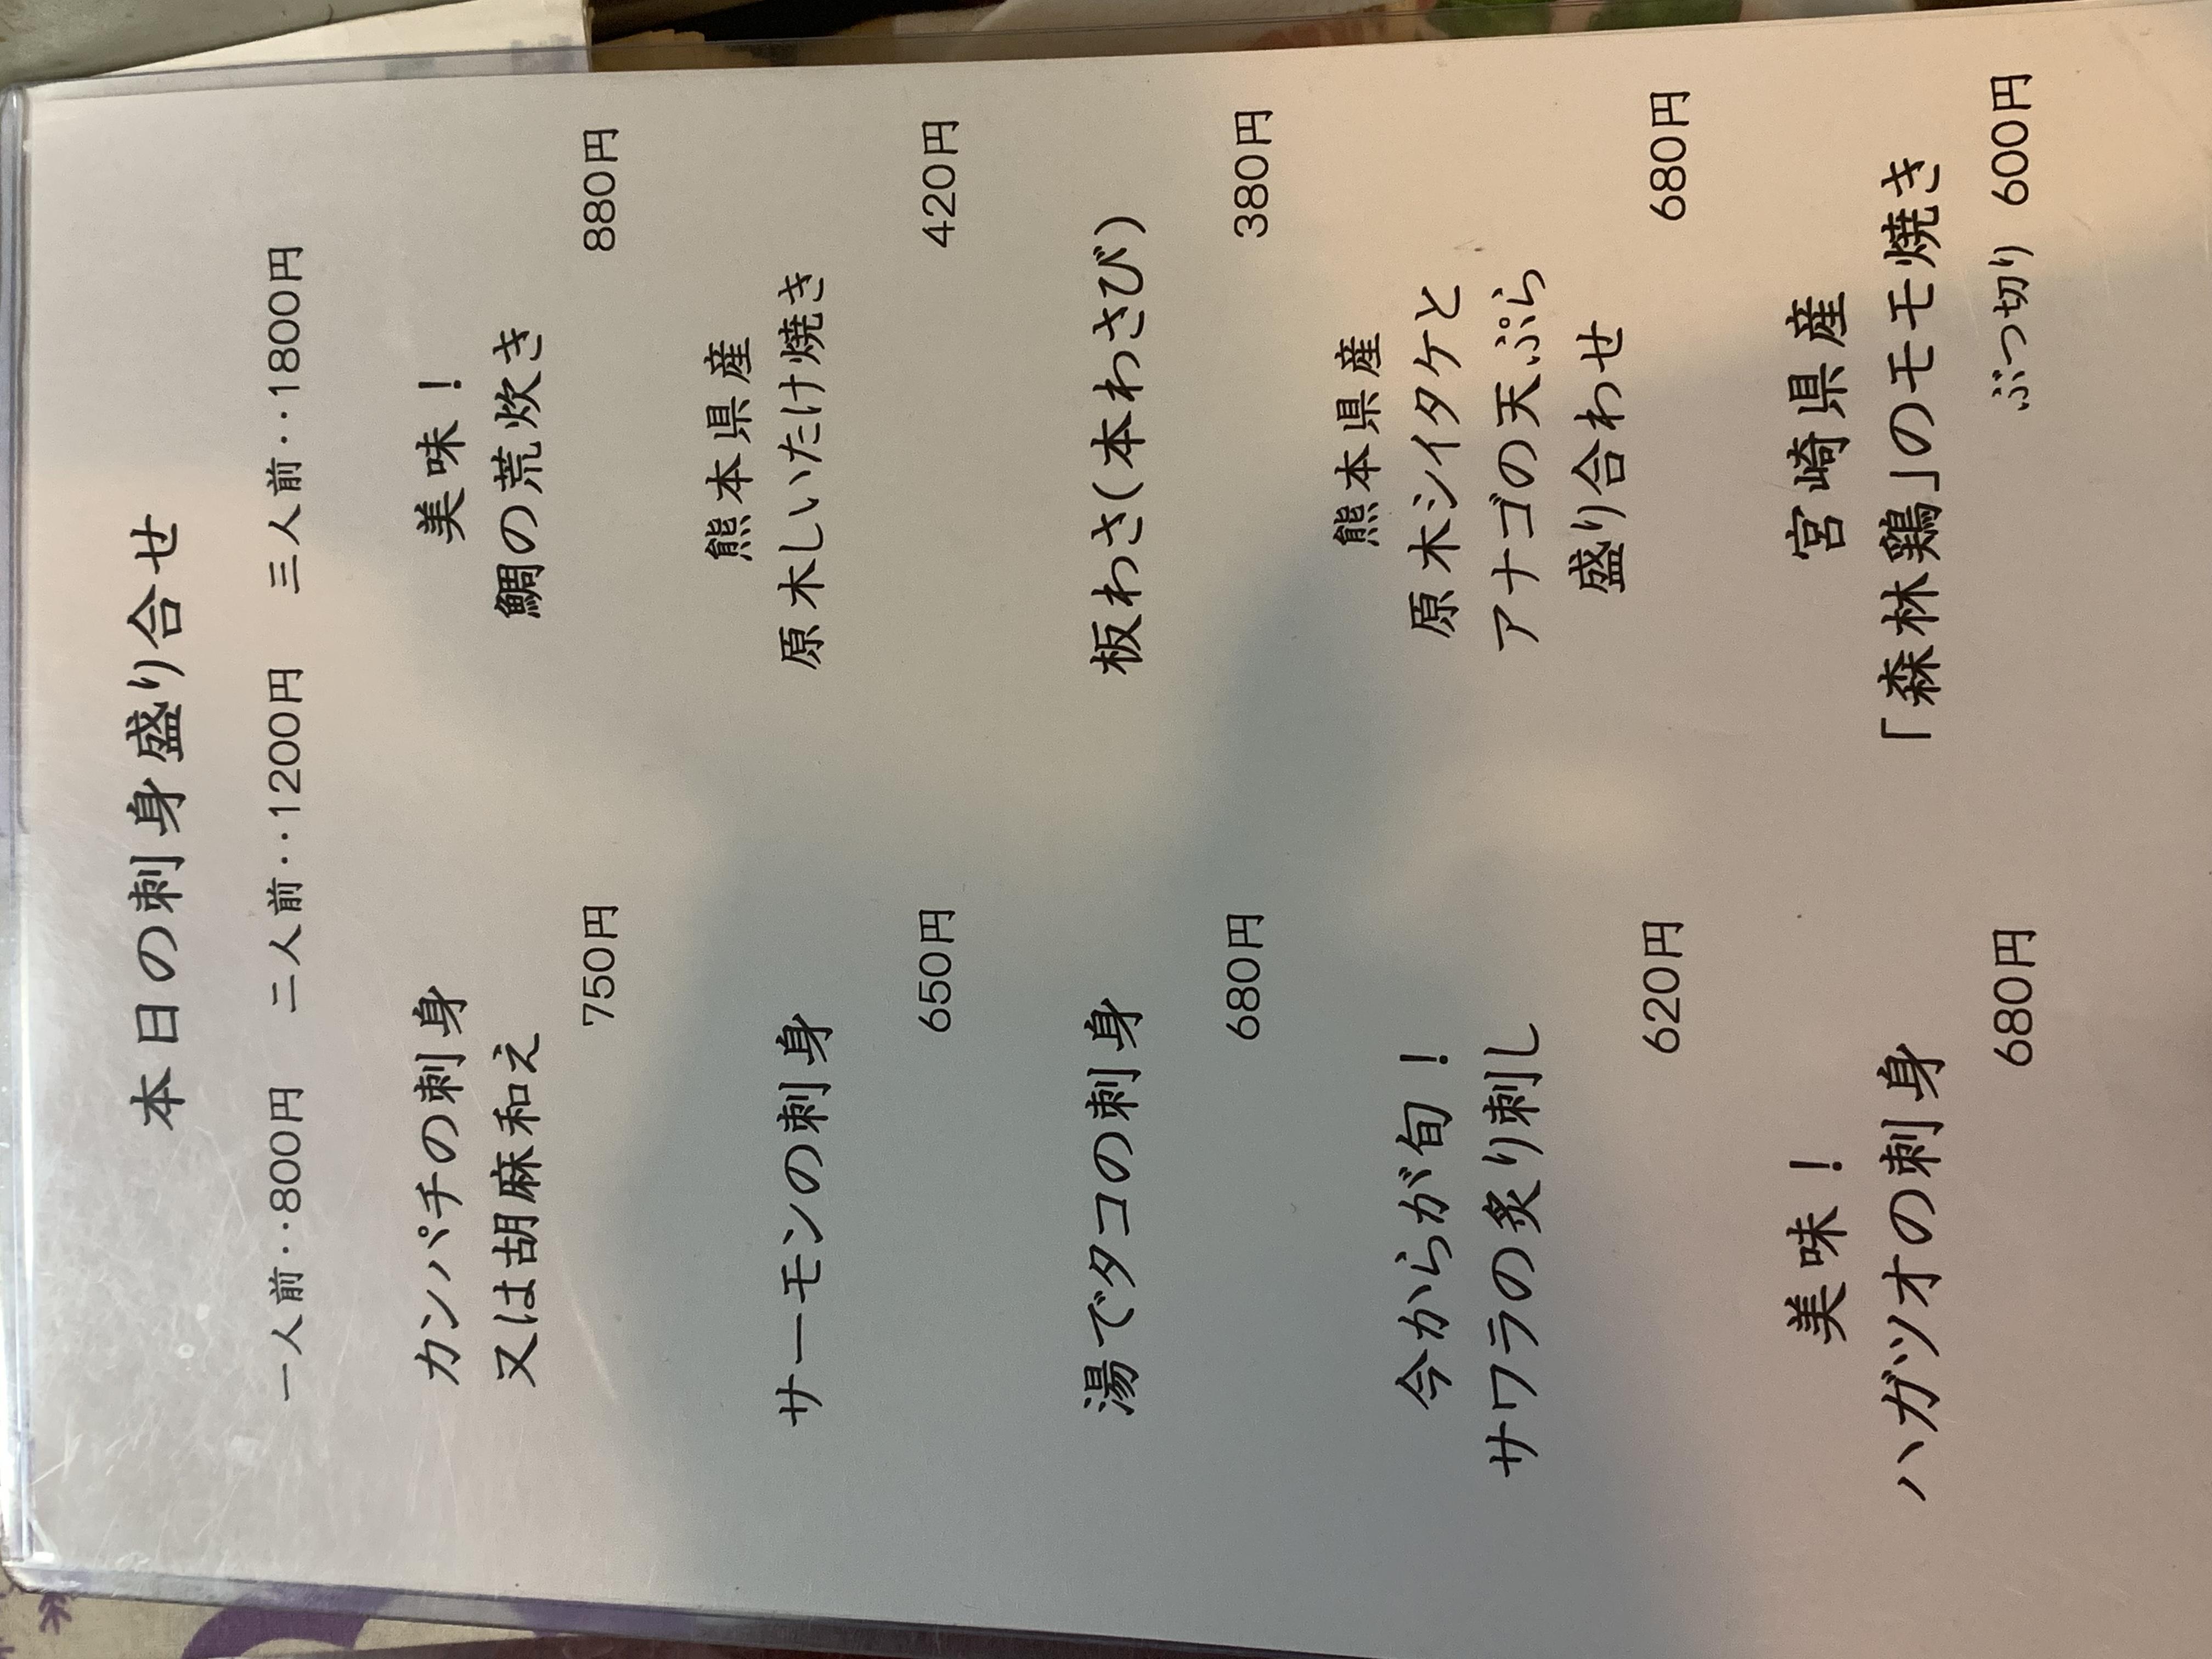 E85E0C83-C3A9-4CC1-9F41-8B66E2712E49